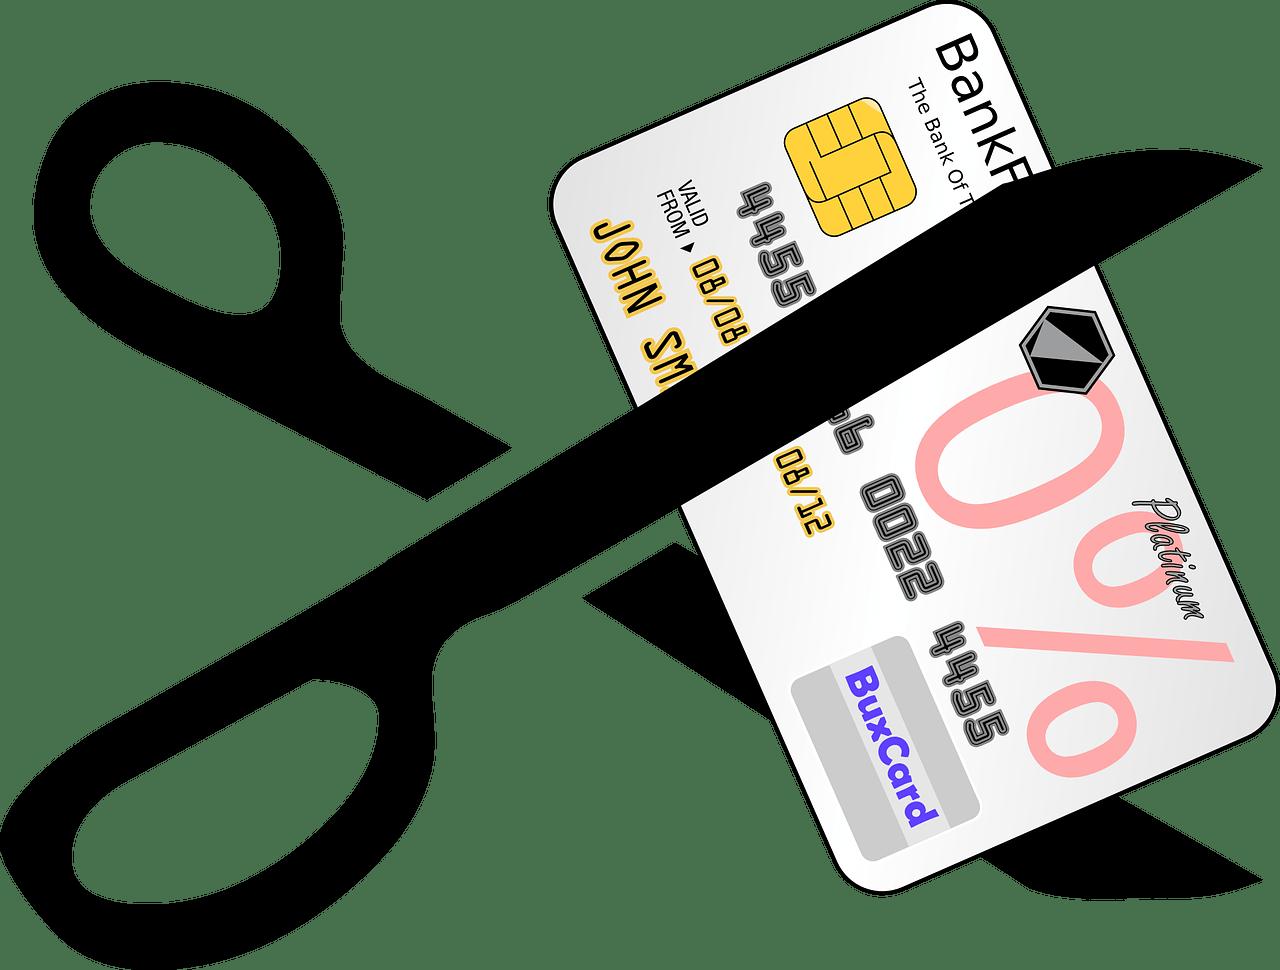 Зачем брать кредитную карту и что случится, если не расплачиваться кредиткой